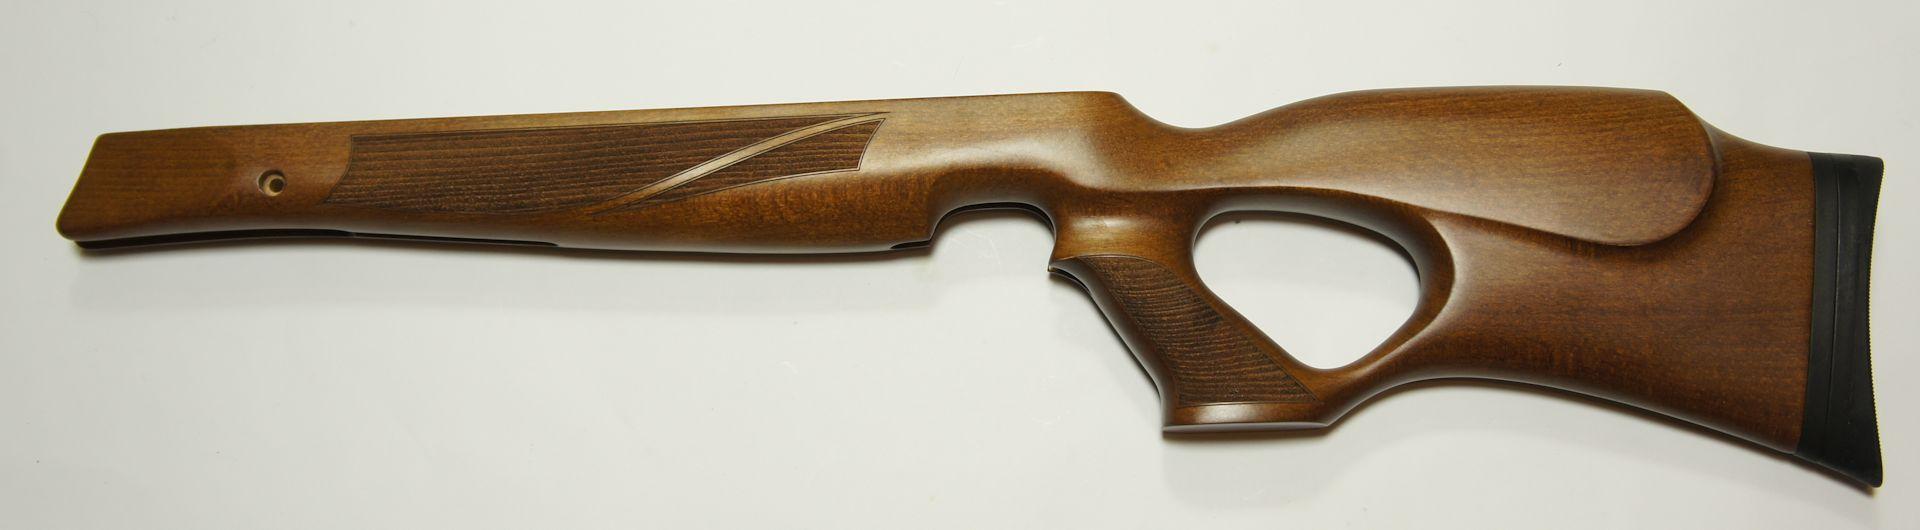 Lochschaft aus Holz mit verstellbarer Schaftkappe für Weihrauch HW 77 und HW 97